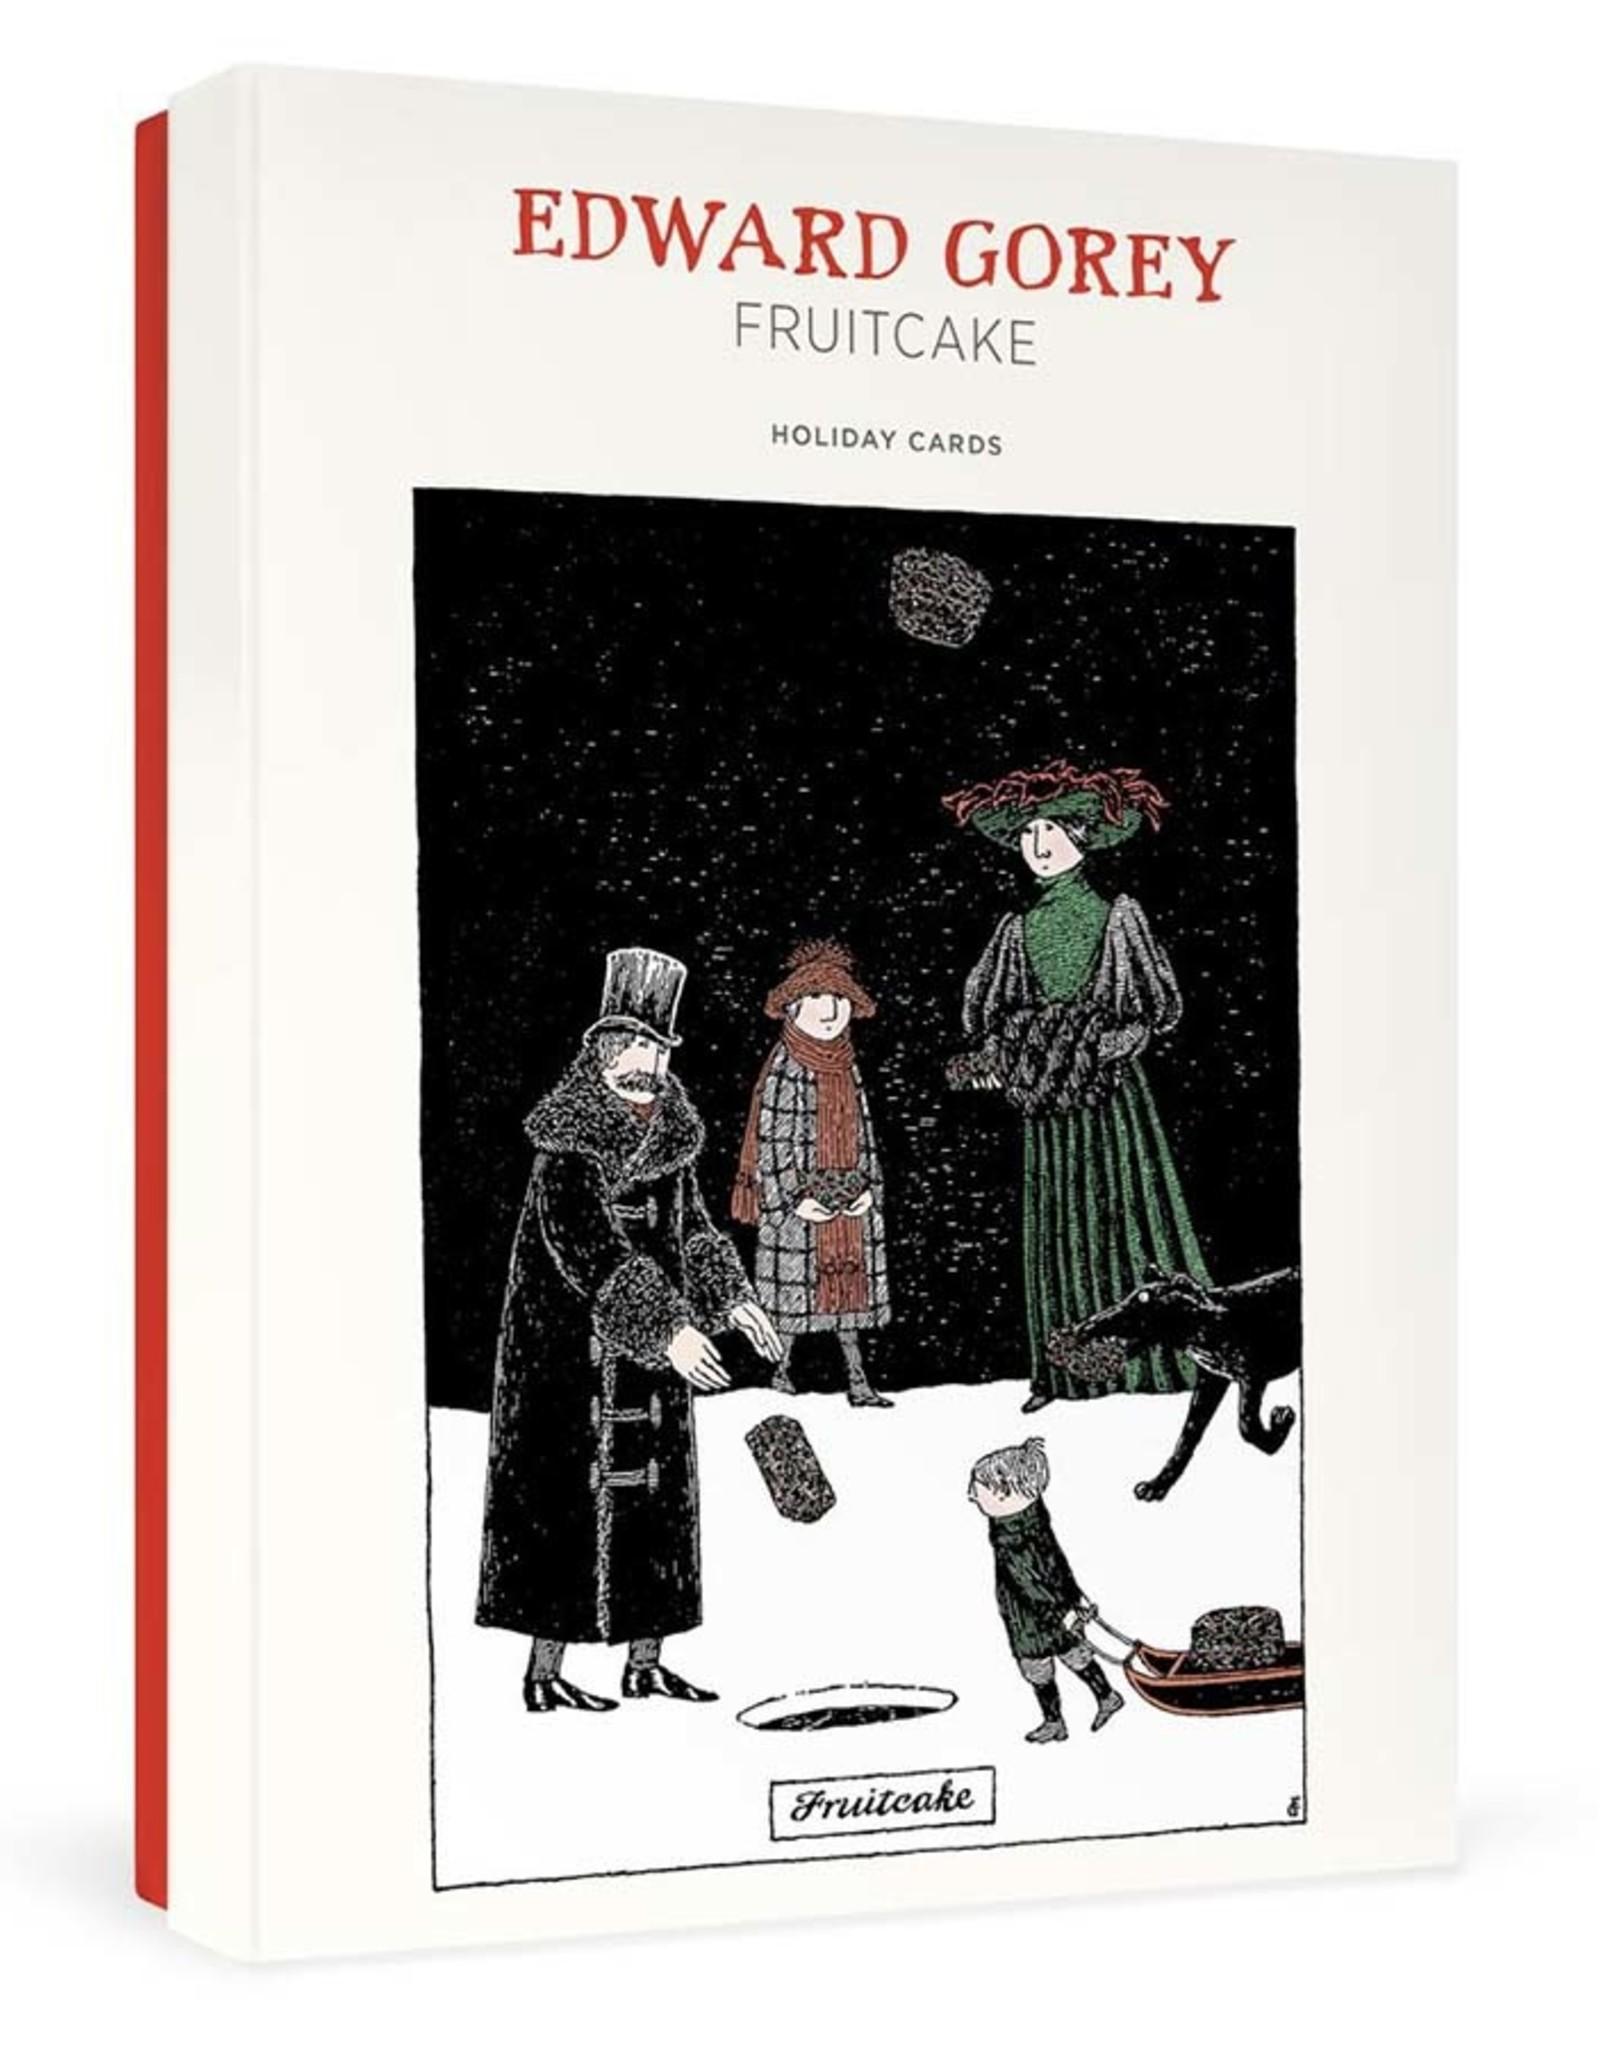 Edward Gorey: Fruitcake Holiday Cards Boxed Cards